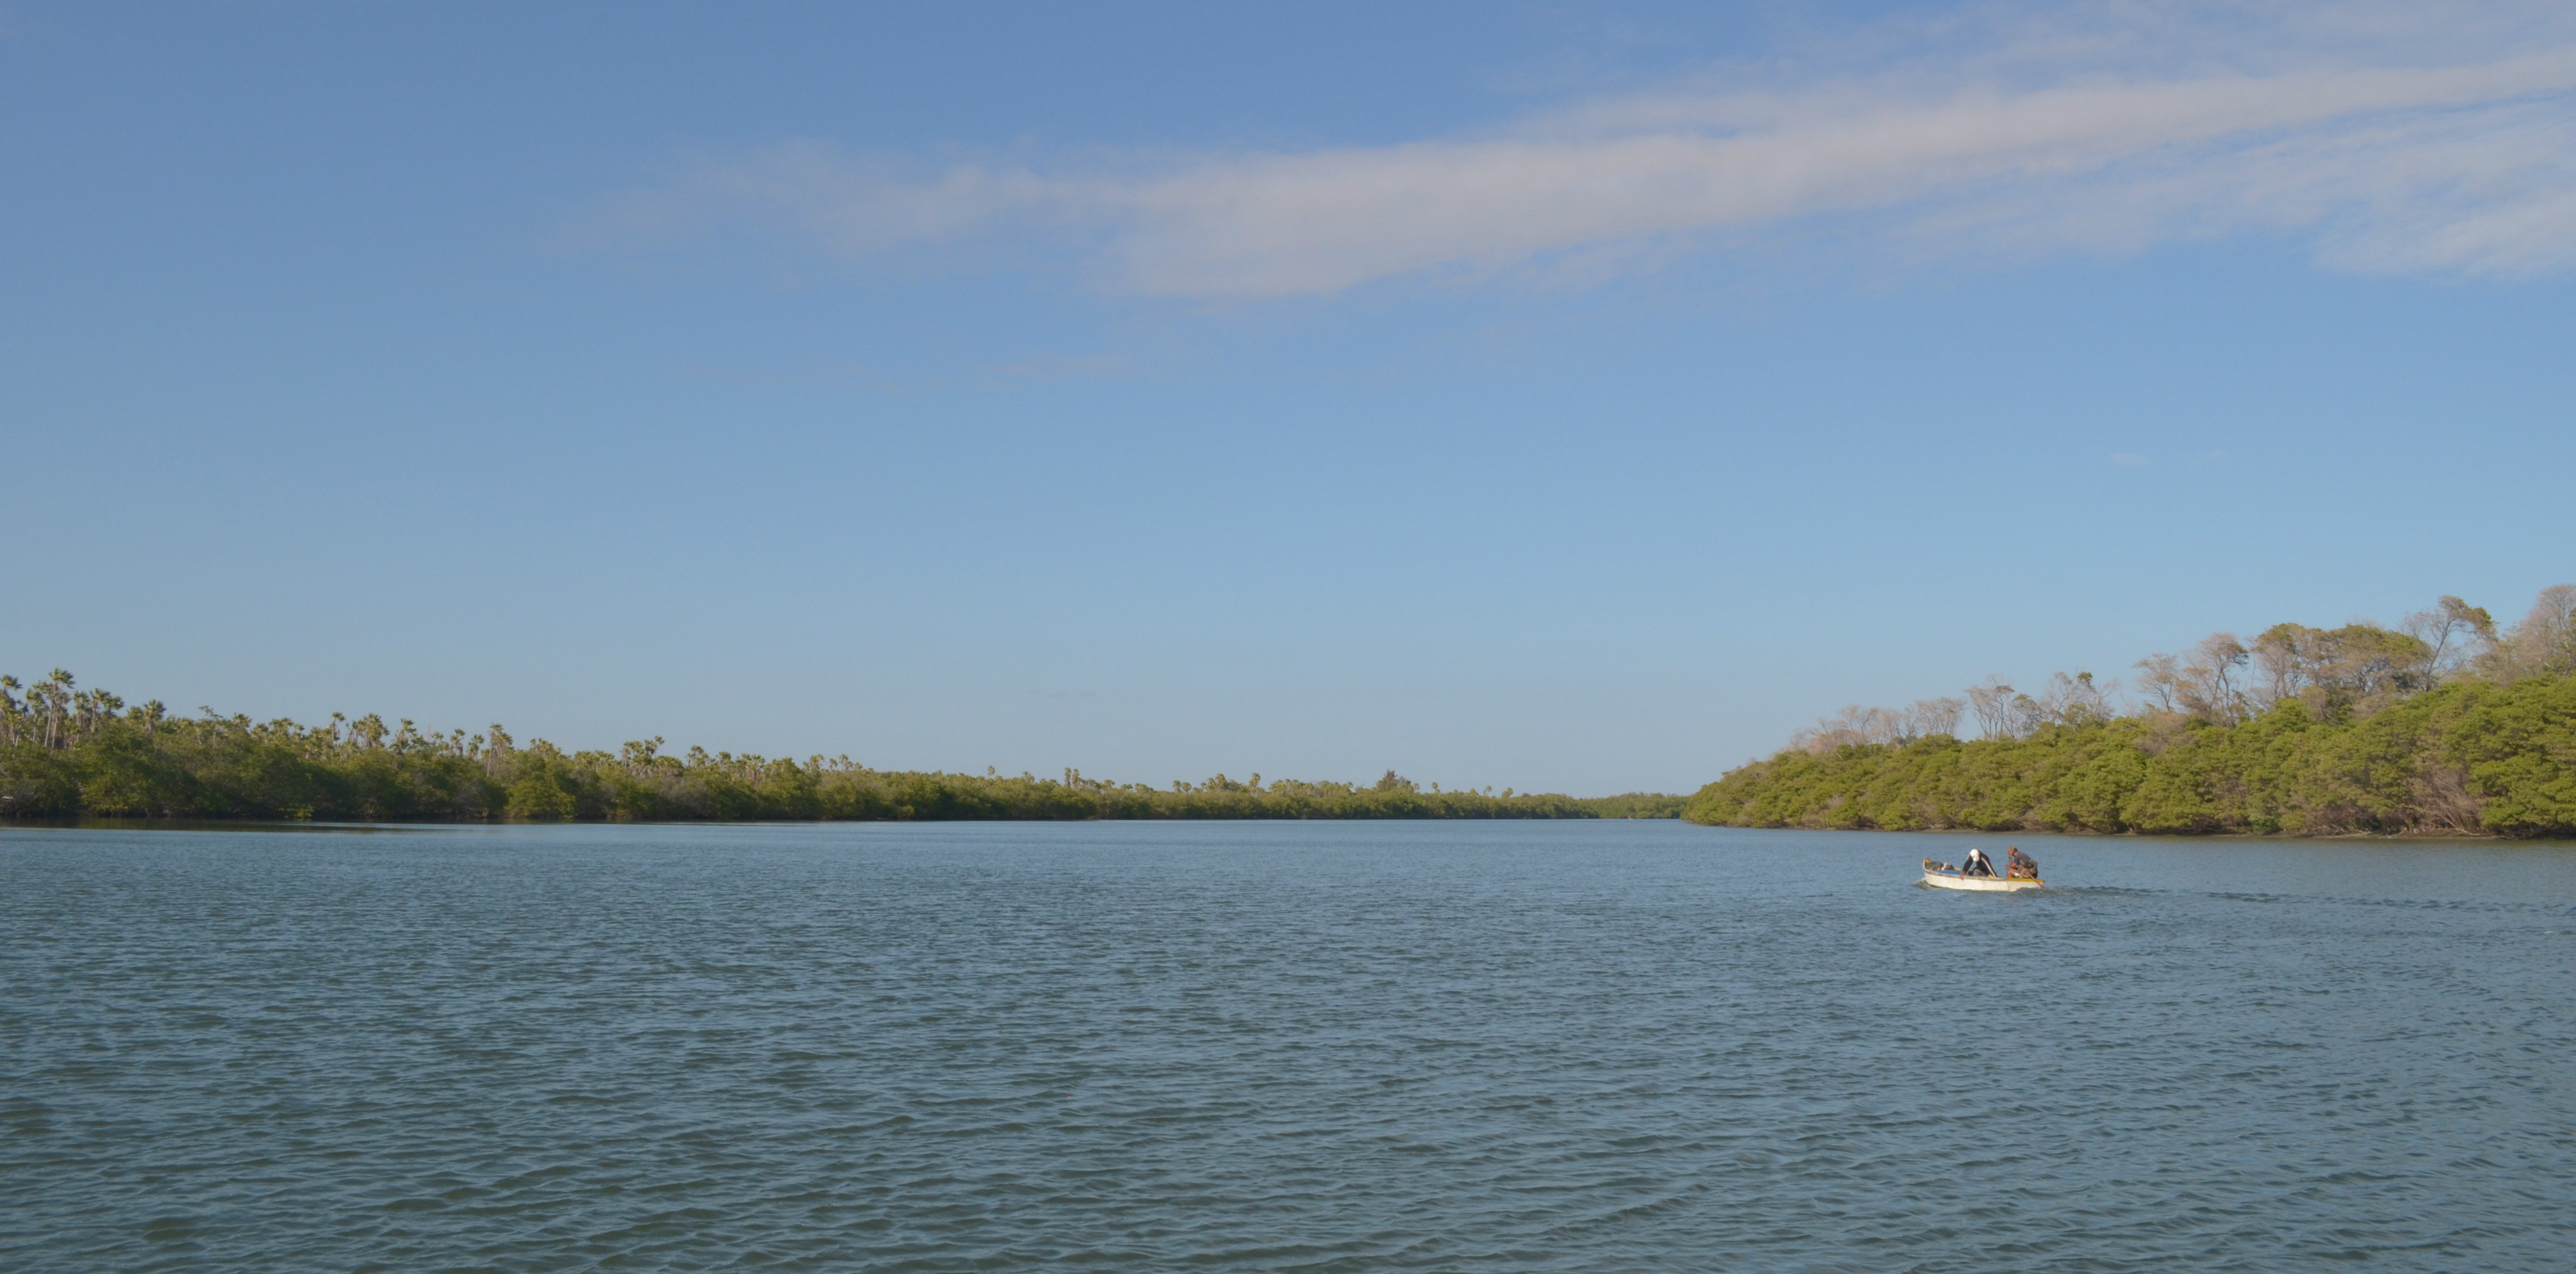 passeio de barco, rio jaguaribe